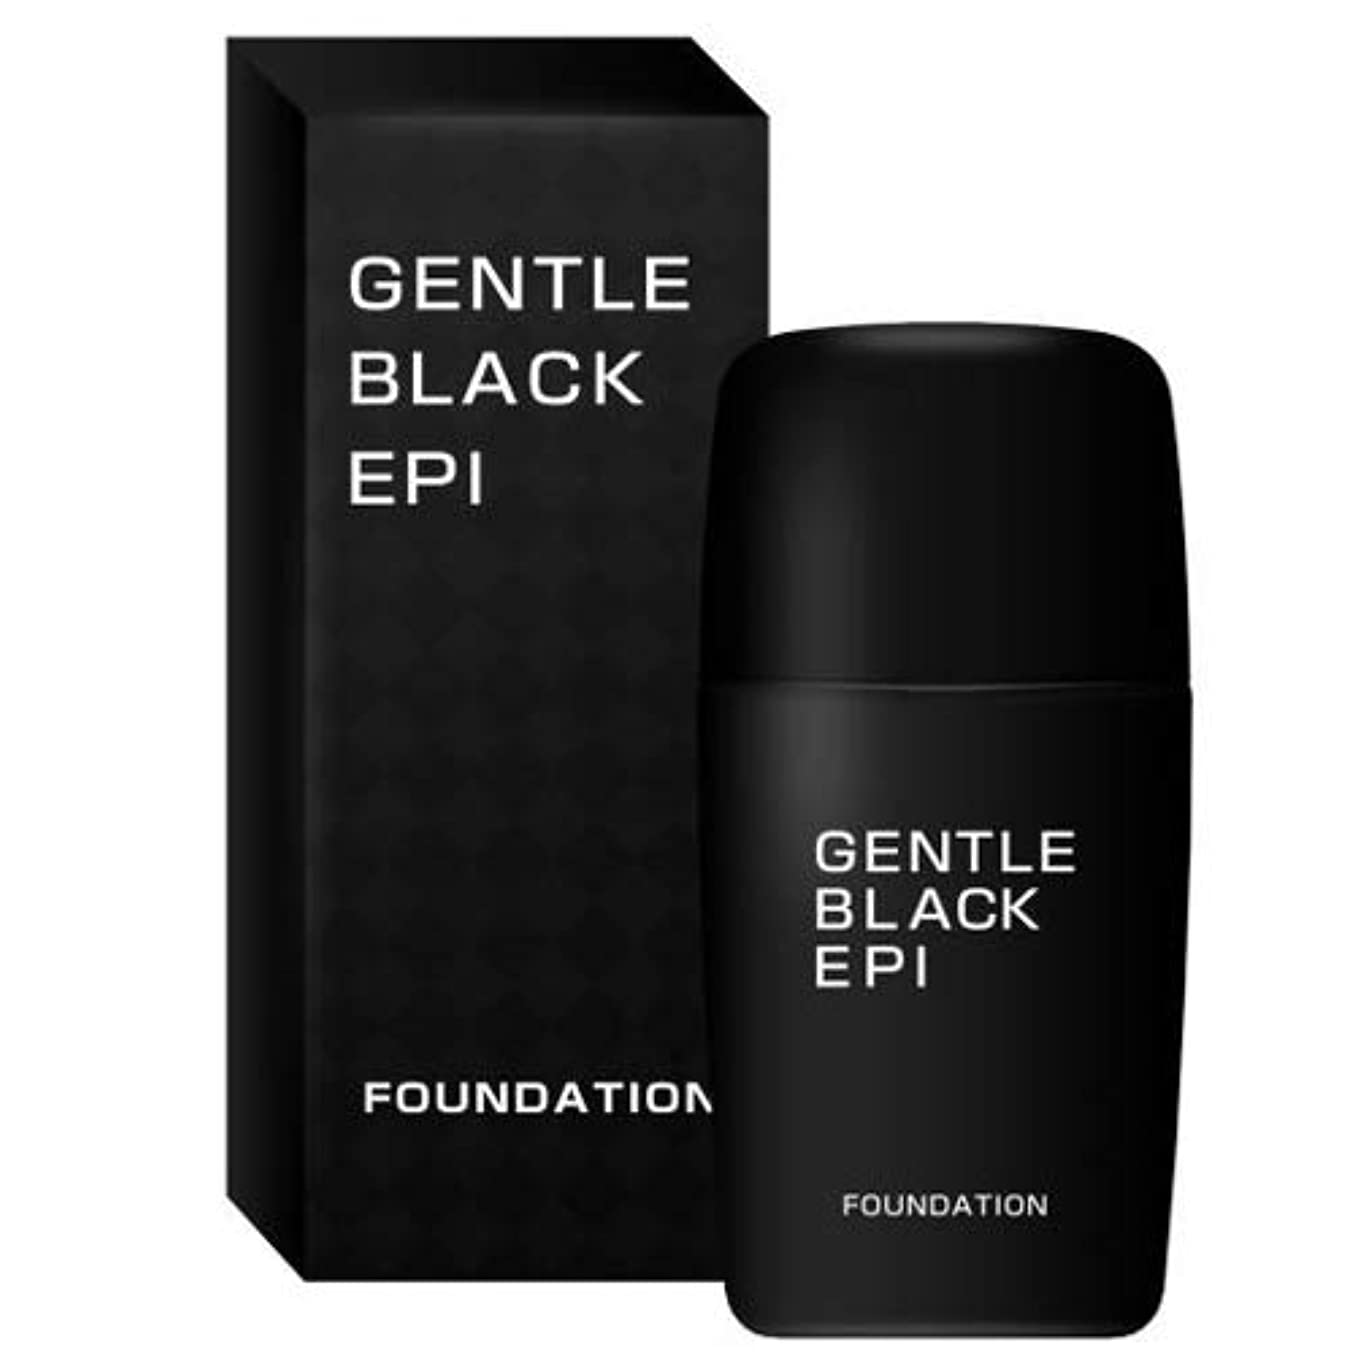 偶然の悪化する眠いですGENTLE BLACK EPI FAUNDATION ジェントルブラックエピファンデーション